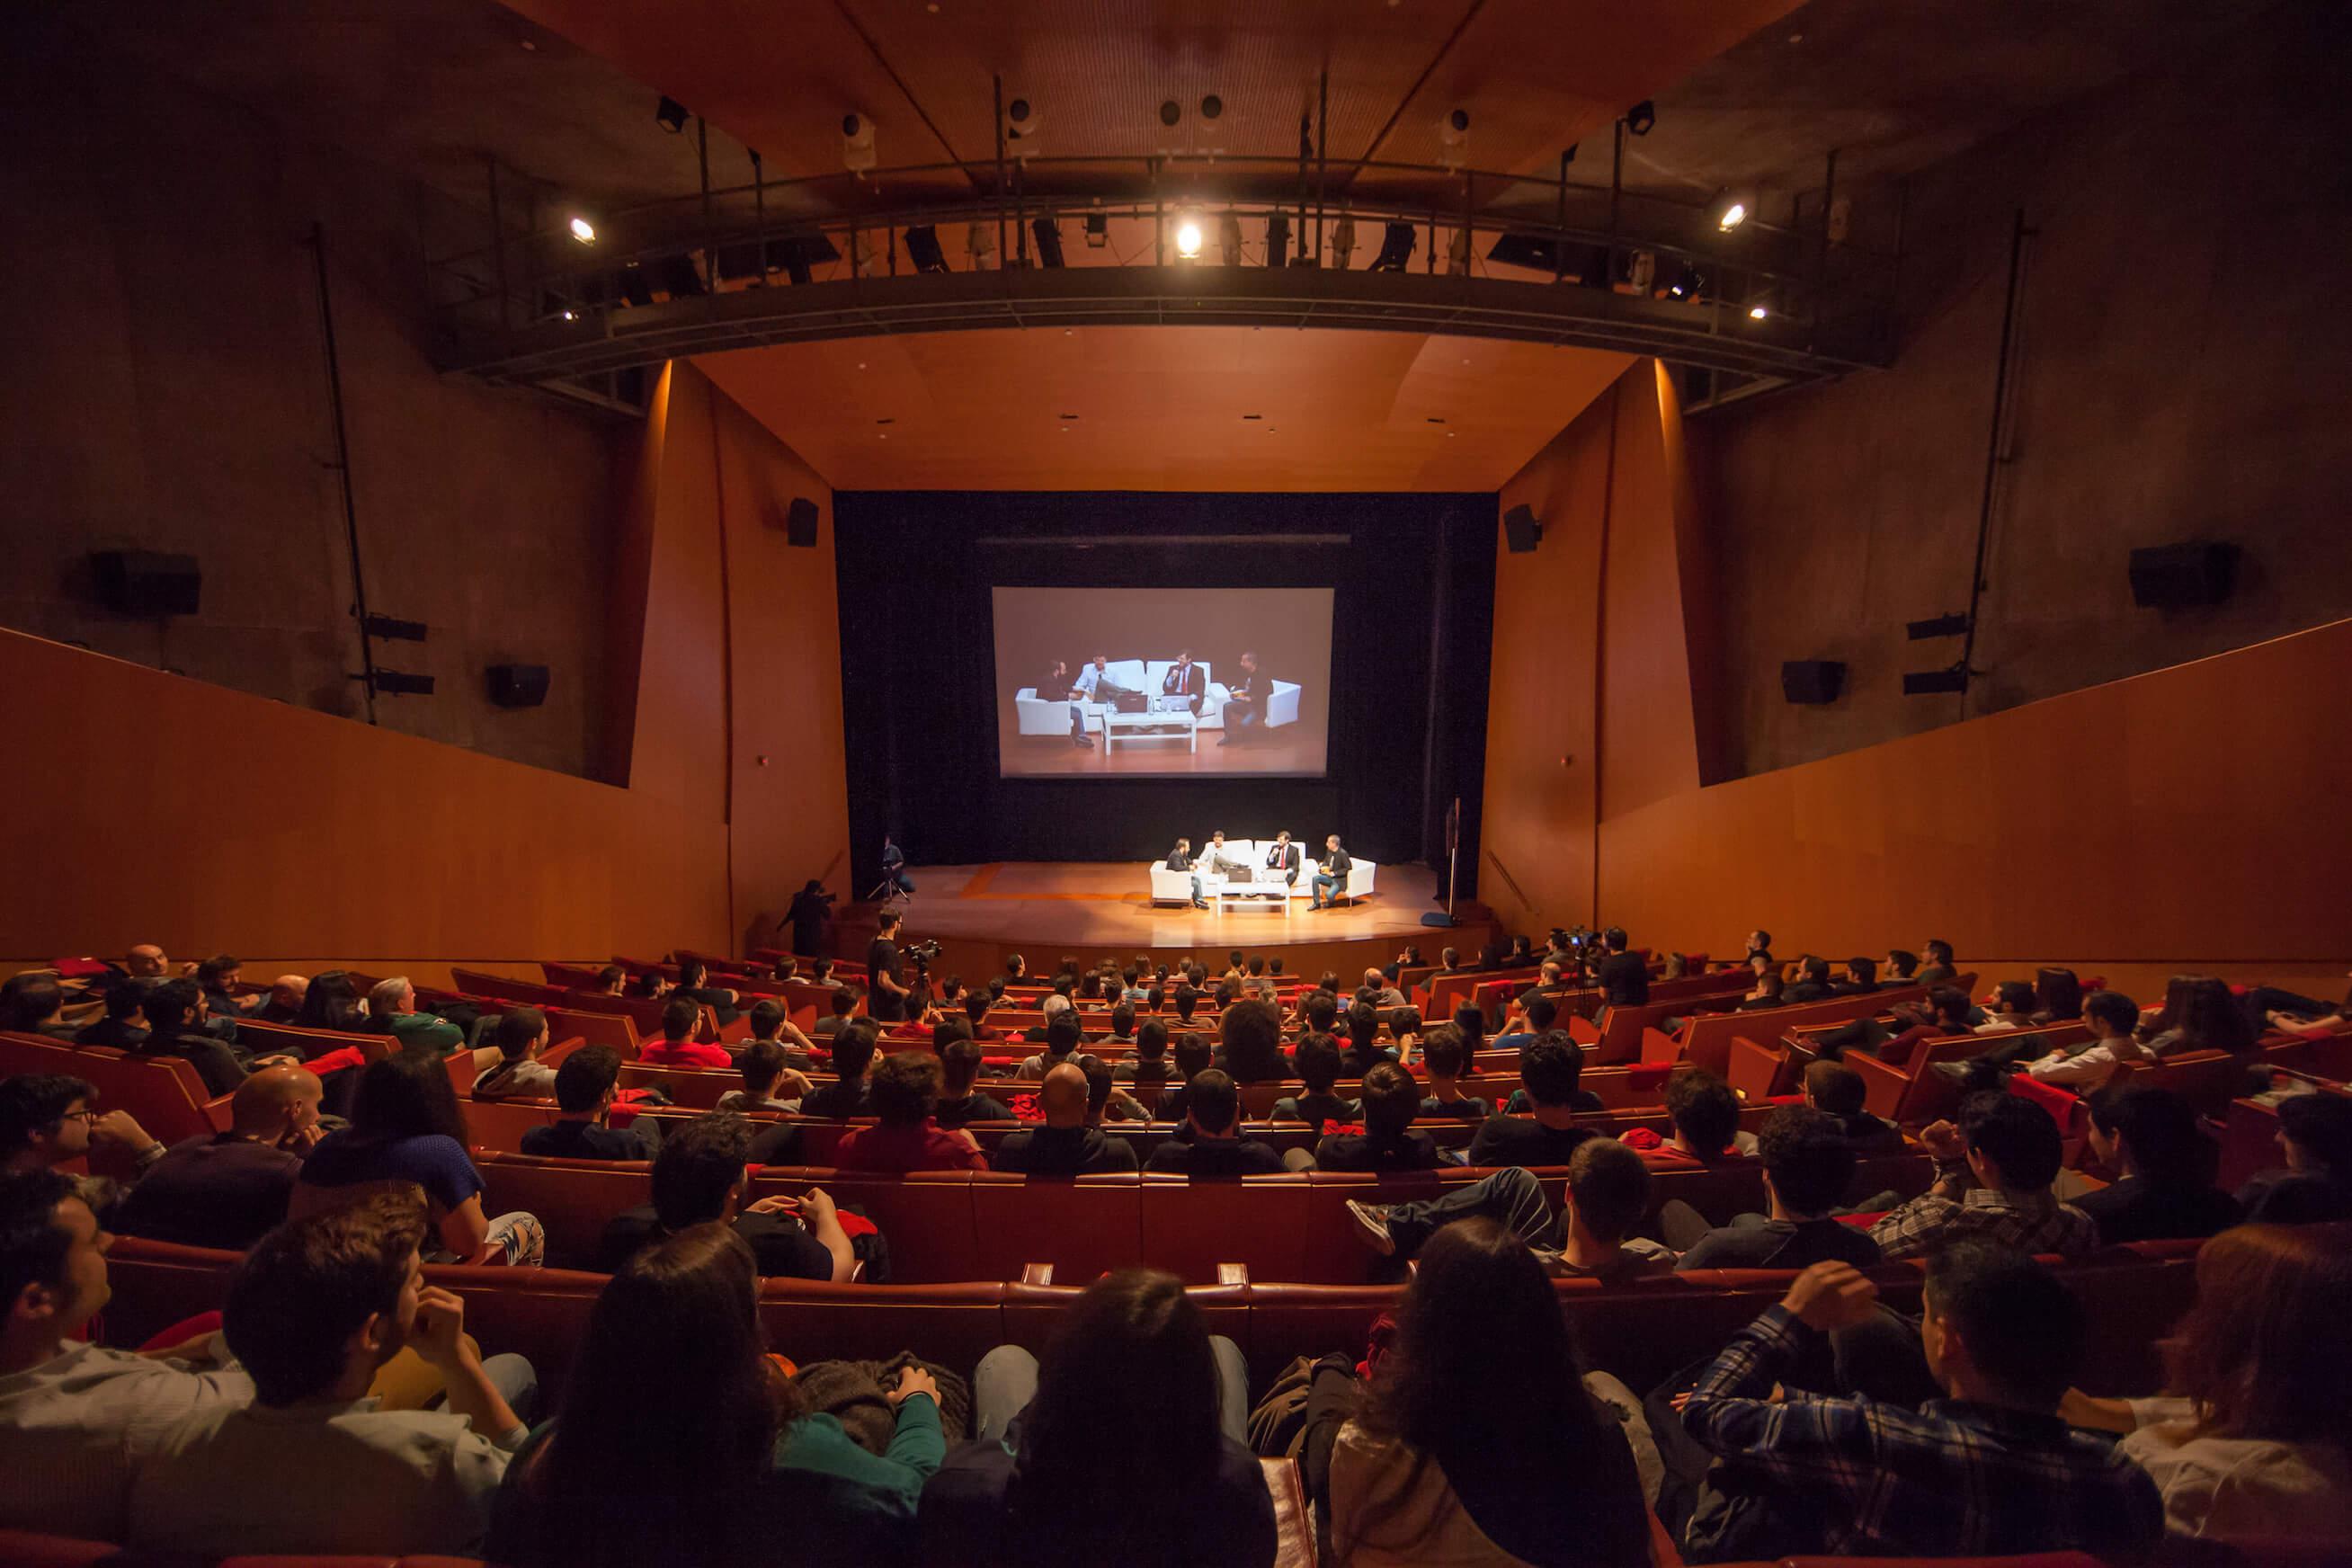 Auditorio | Eventos Corporativos | Guggenheim Bilbao Museoa